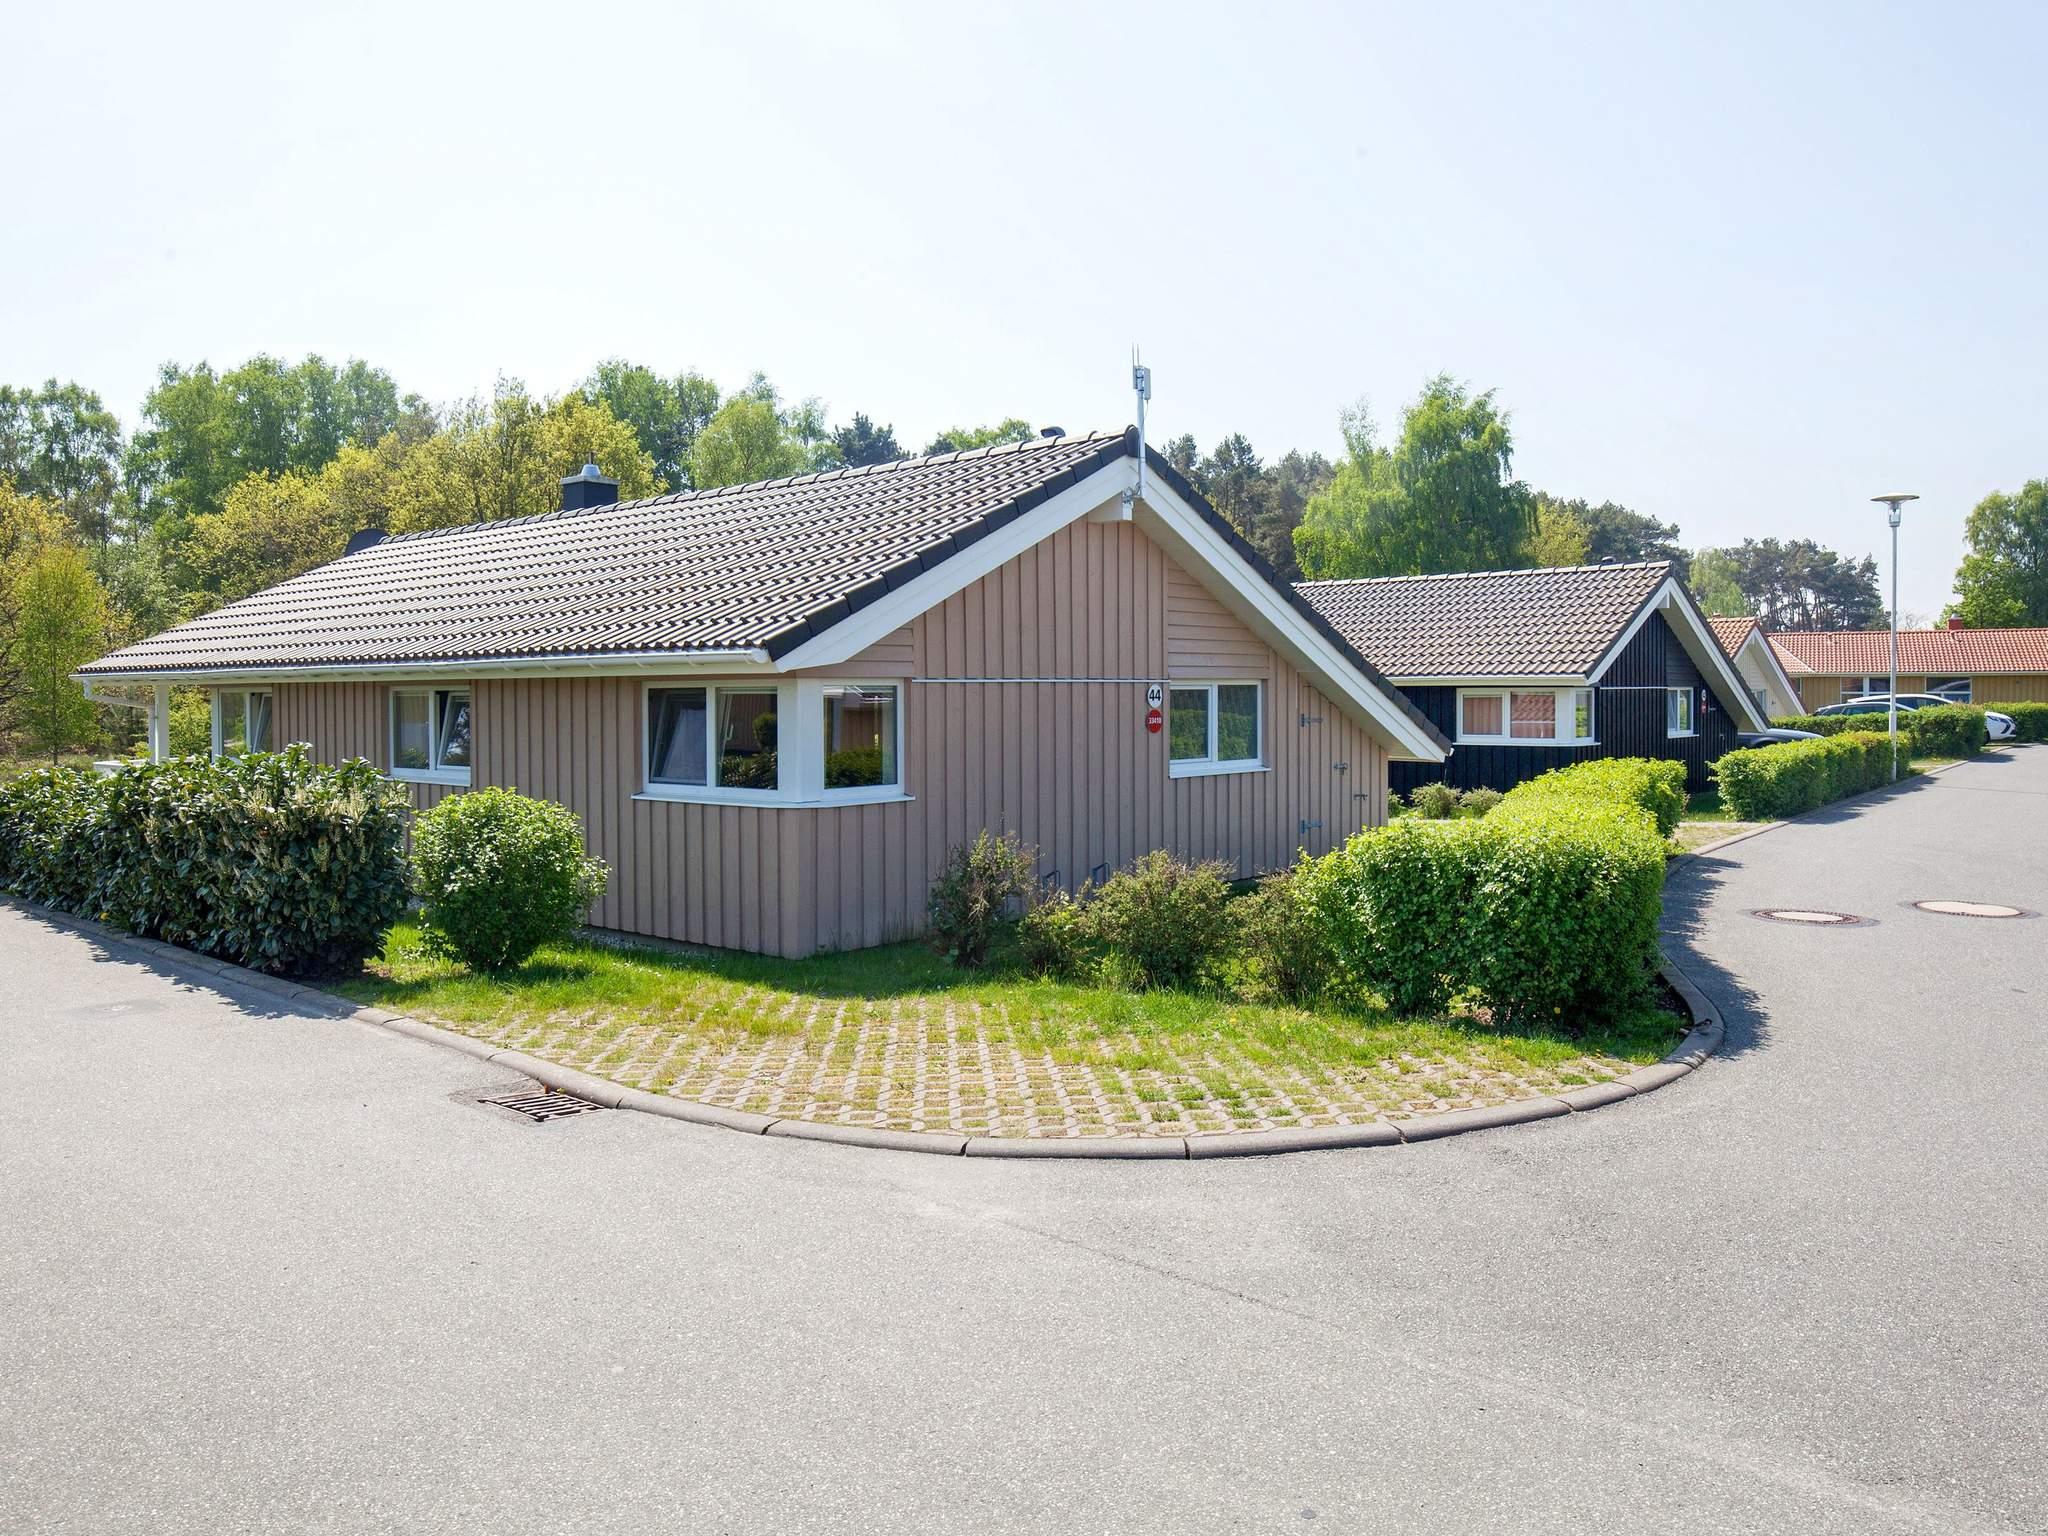 Maison de vacances Grömitz (316467), Grömitz, Baie de Lübeck, Schleswig-Holstein, Allemagne, image 14